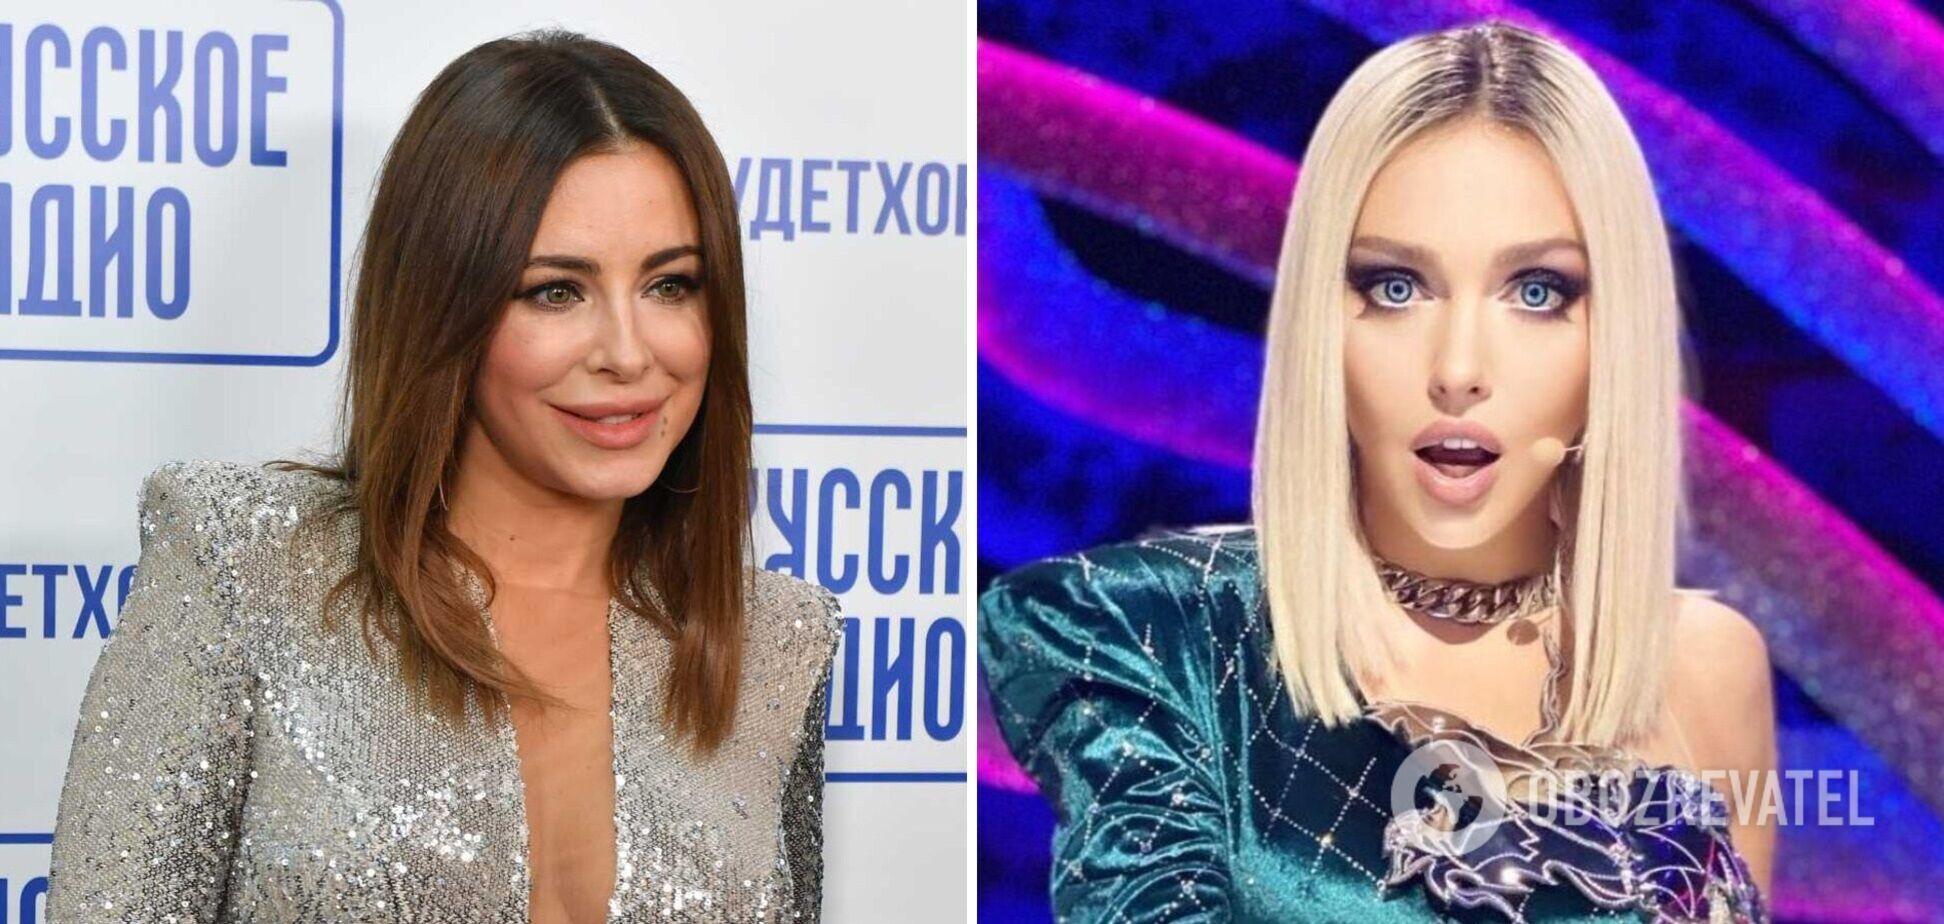 Полякова заявила про домагання з боку Меладзе і звернулася до Ані Лорак